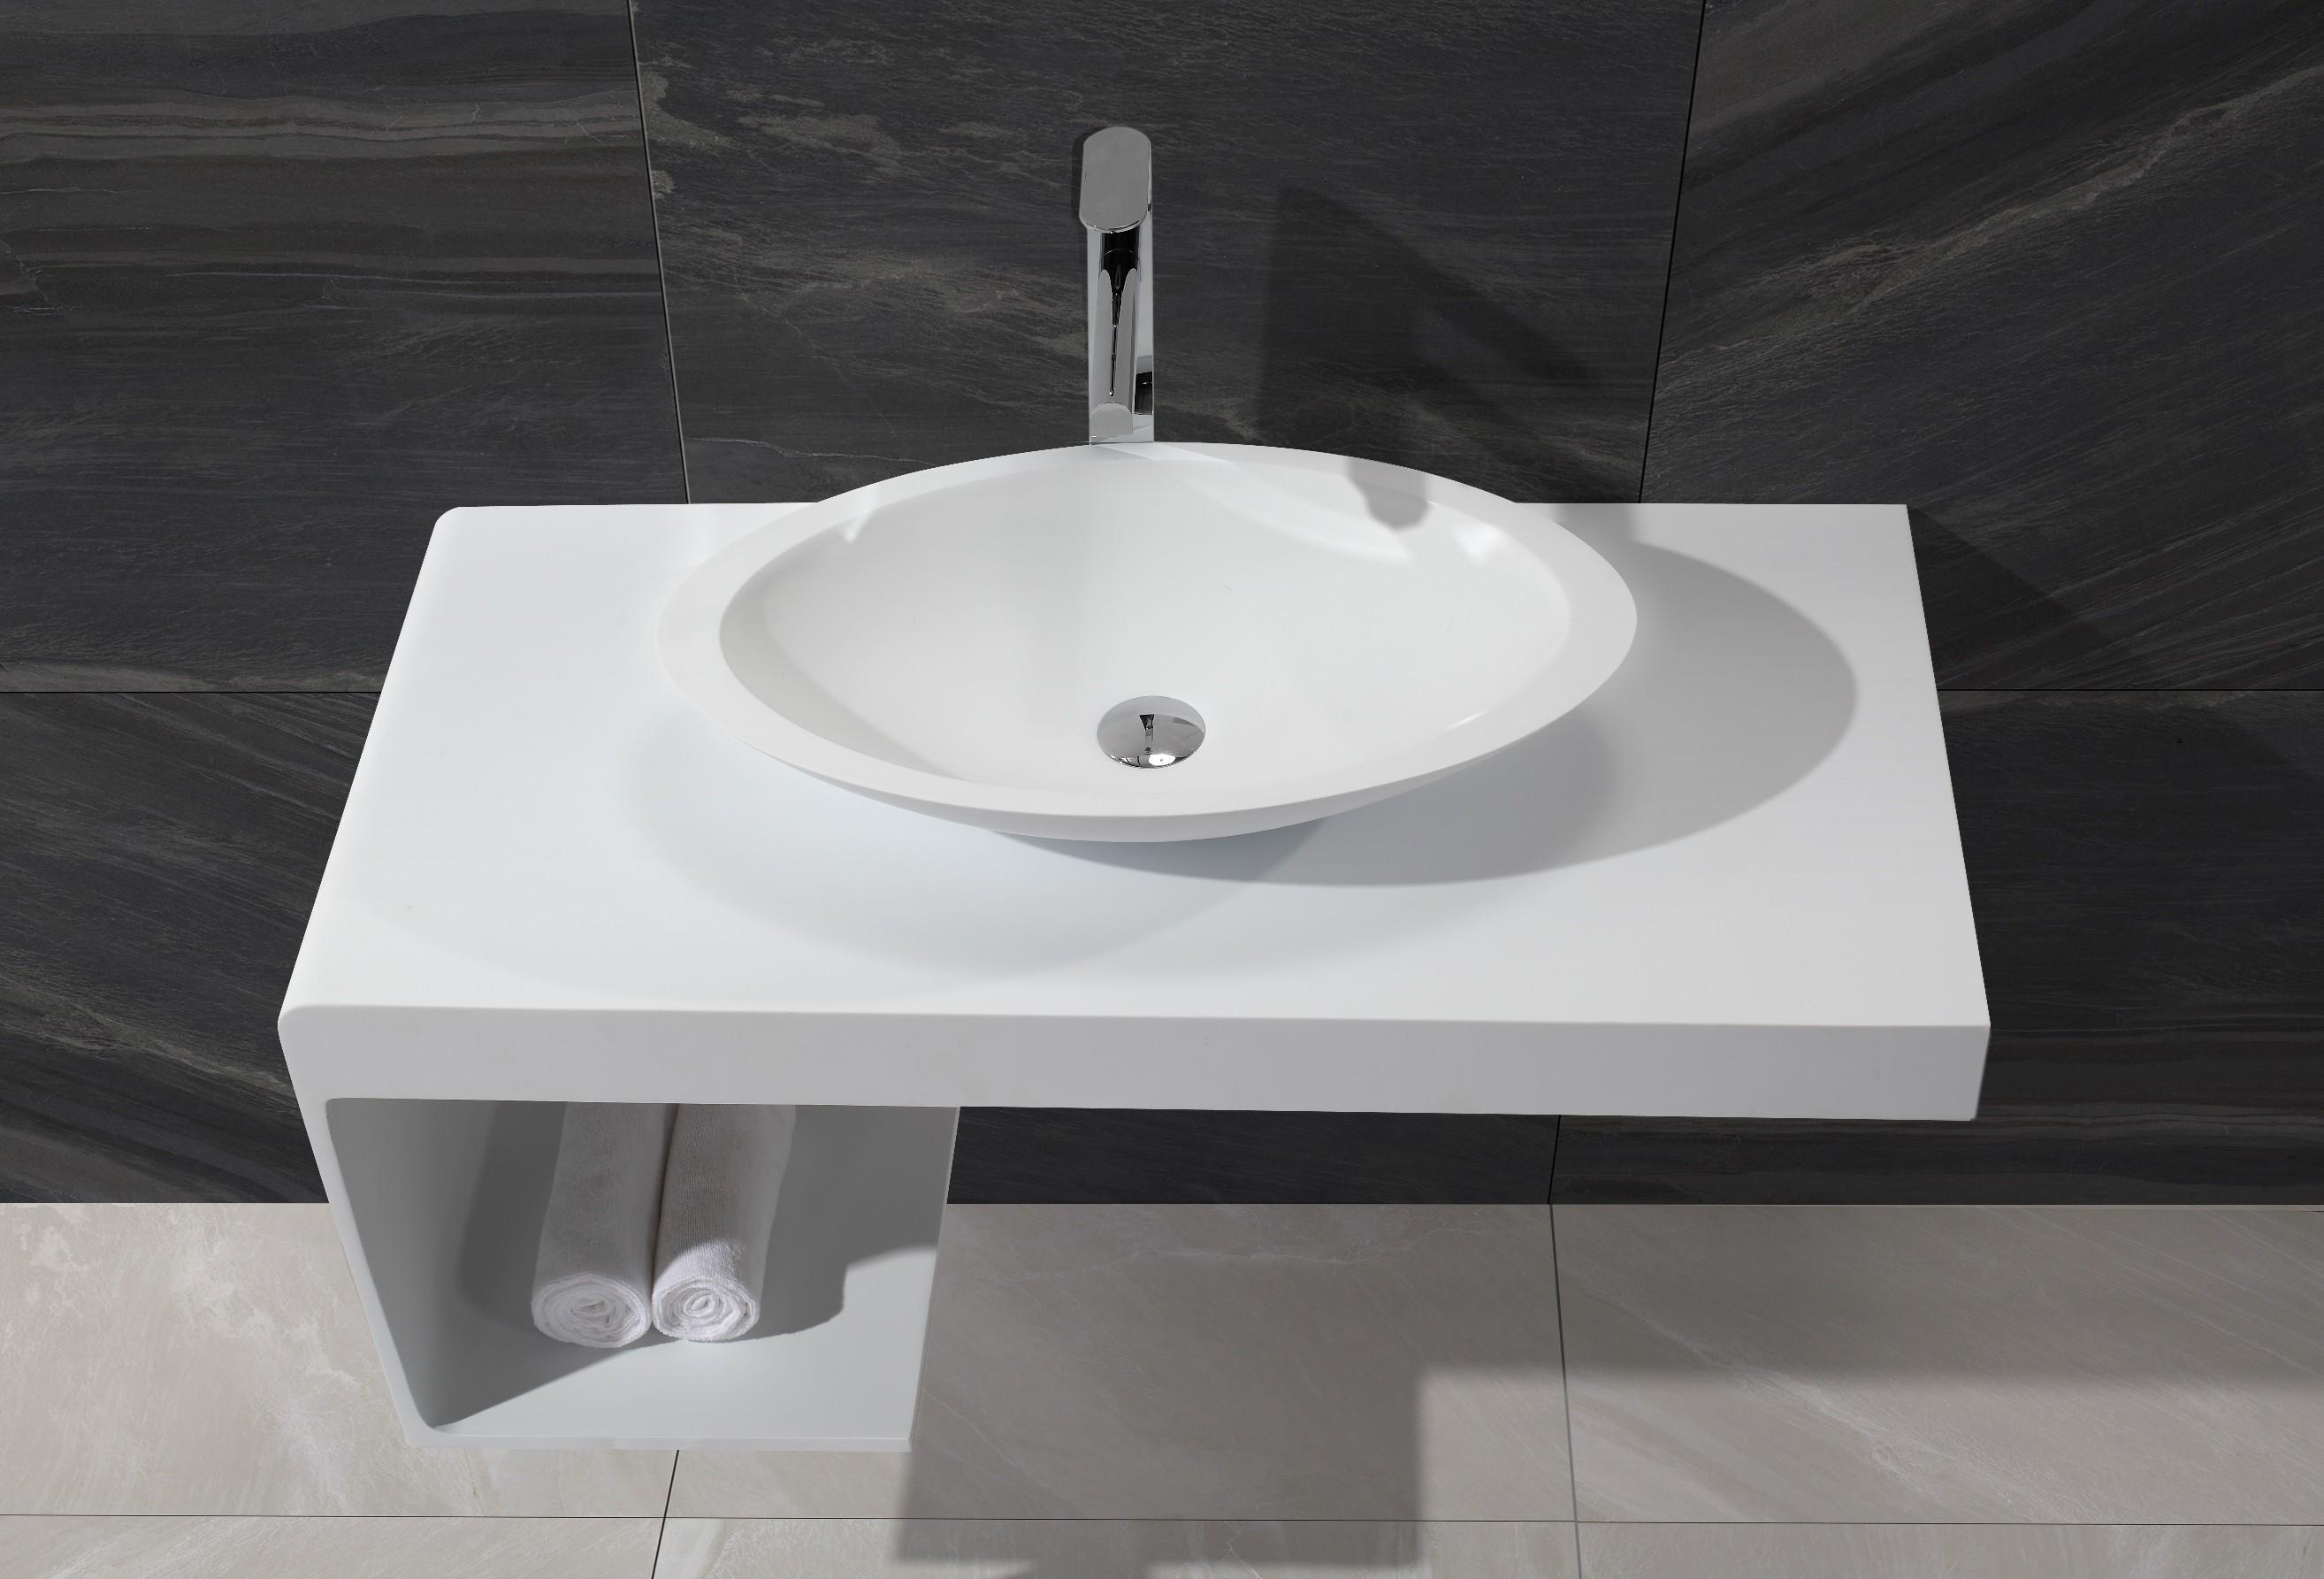 design waschtischplatte 1396 badewelt badezimmer m bel waschtisch sets waschtisch auflage. Black Bedroom Furniture Sets. Home Design Ideas